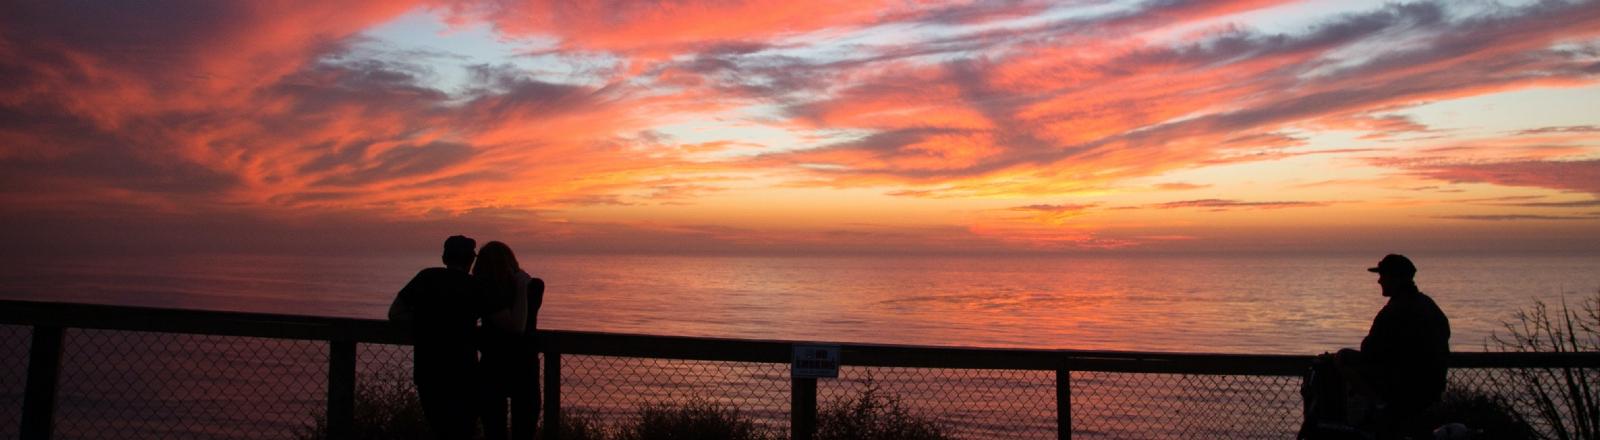 Drei Menschen beobachten einen Sonnenuntergang über dem Meer.